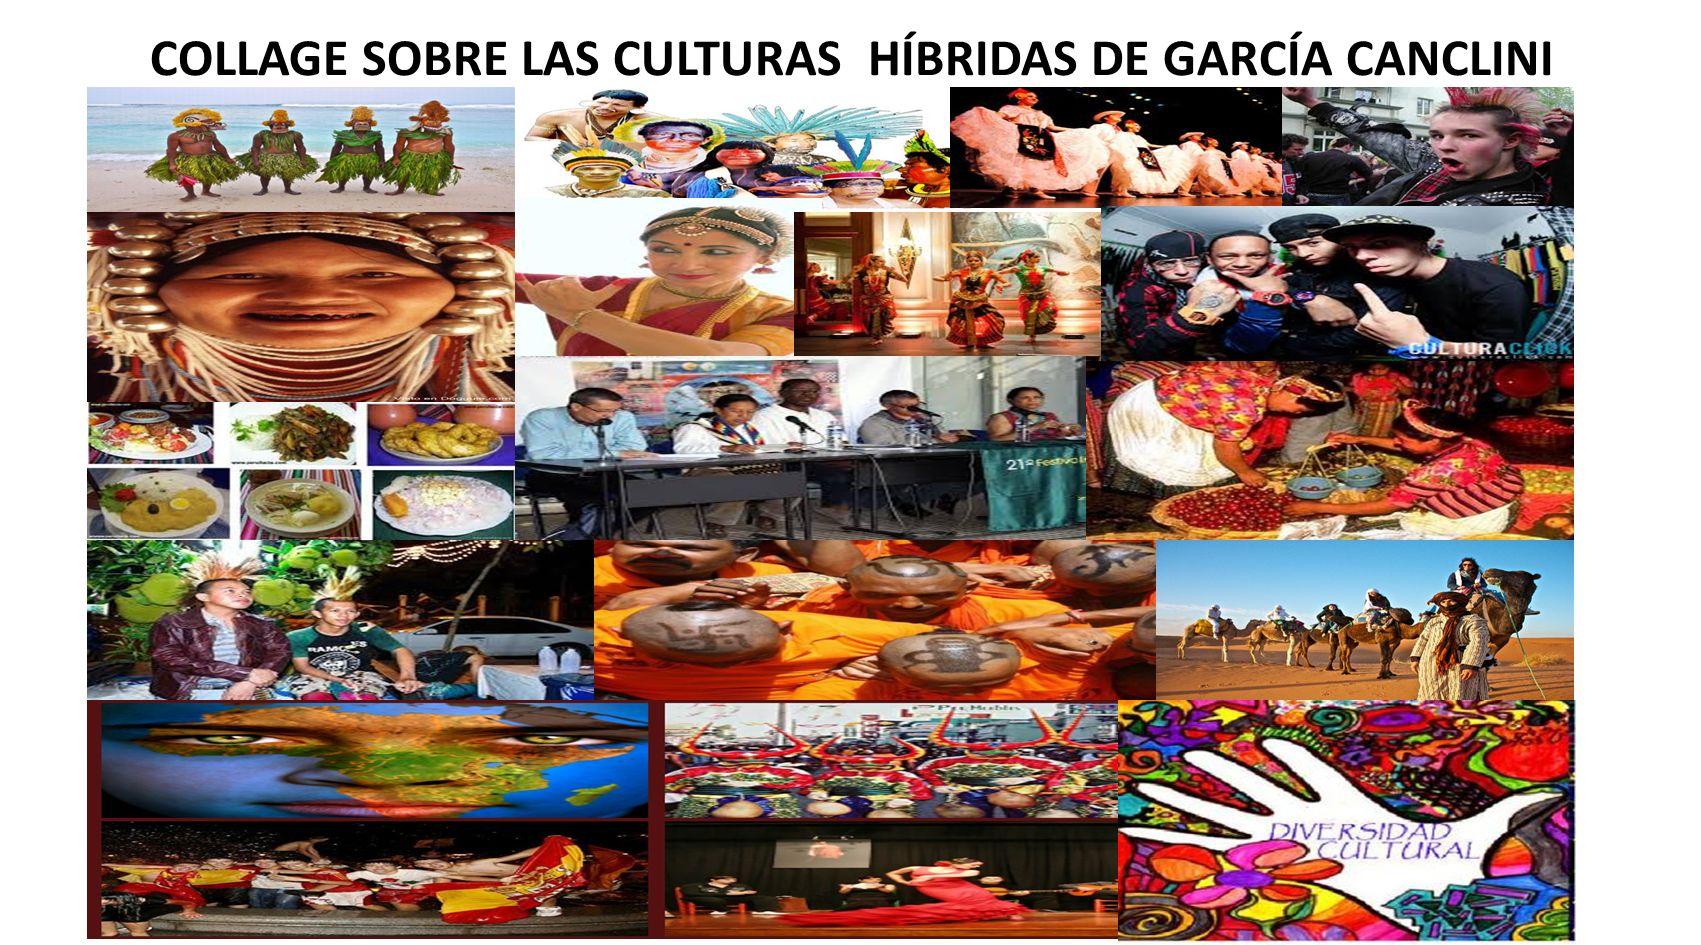 COLLAGE SOBRE LAS CULTURAS HÍBRIDAS DE GARCÍA CANCLINI